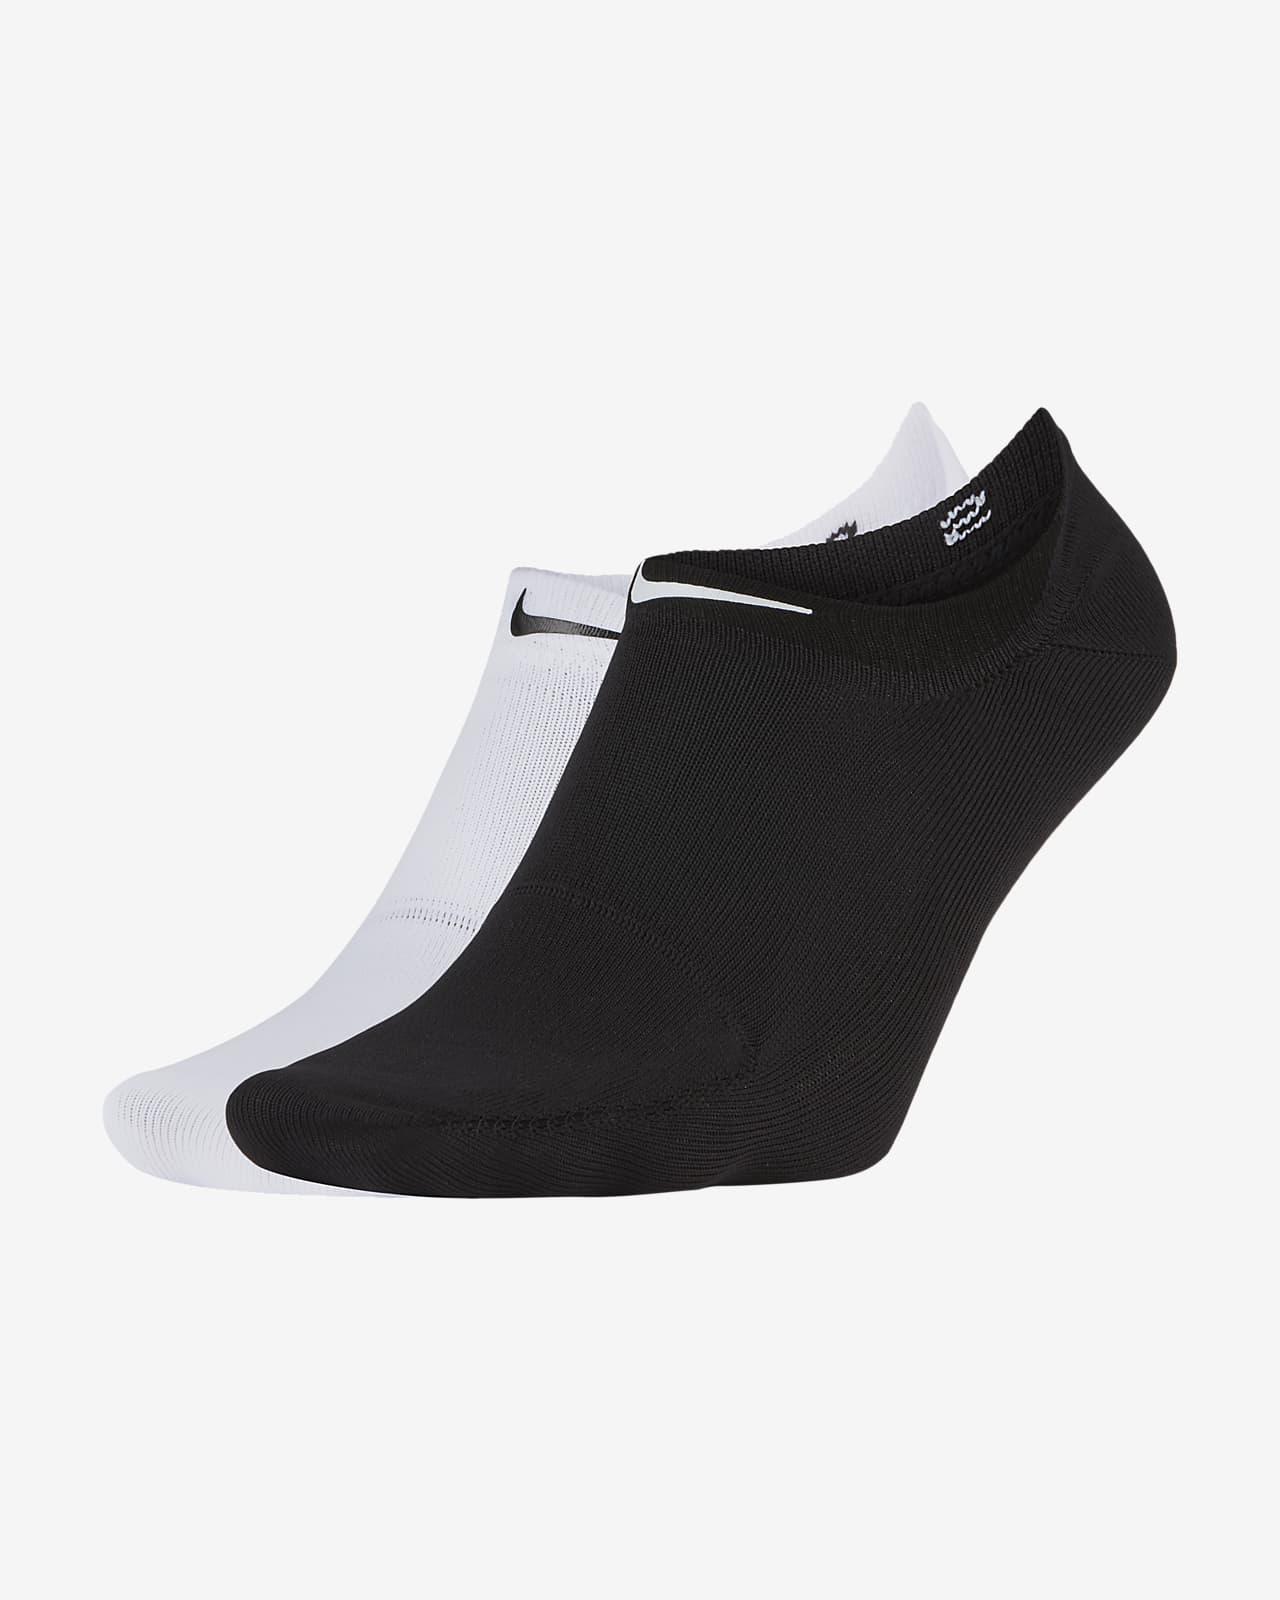 Nike One Women's Training No-Show Socks (2 Pairs)